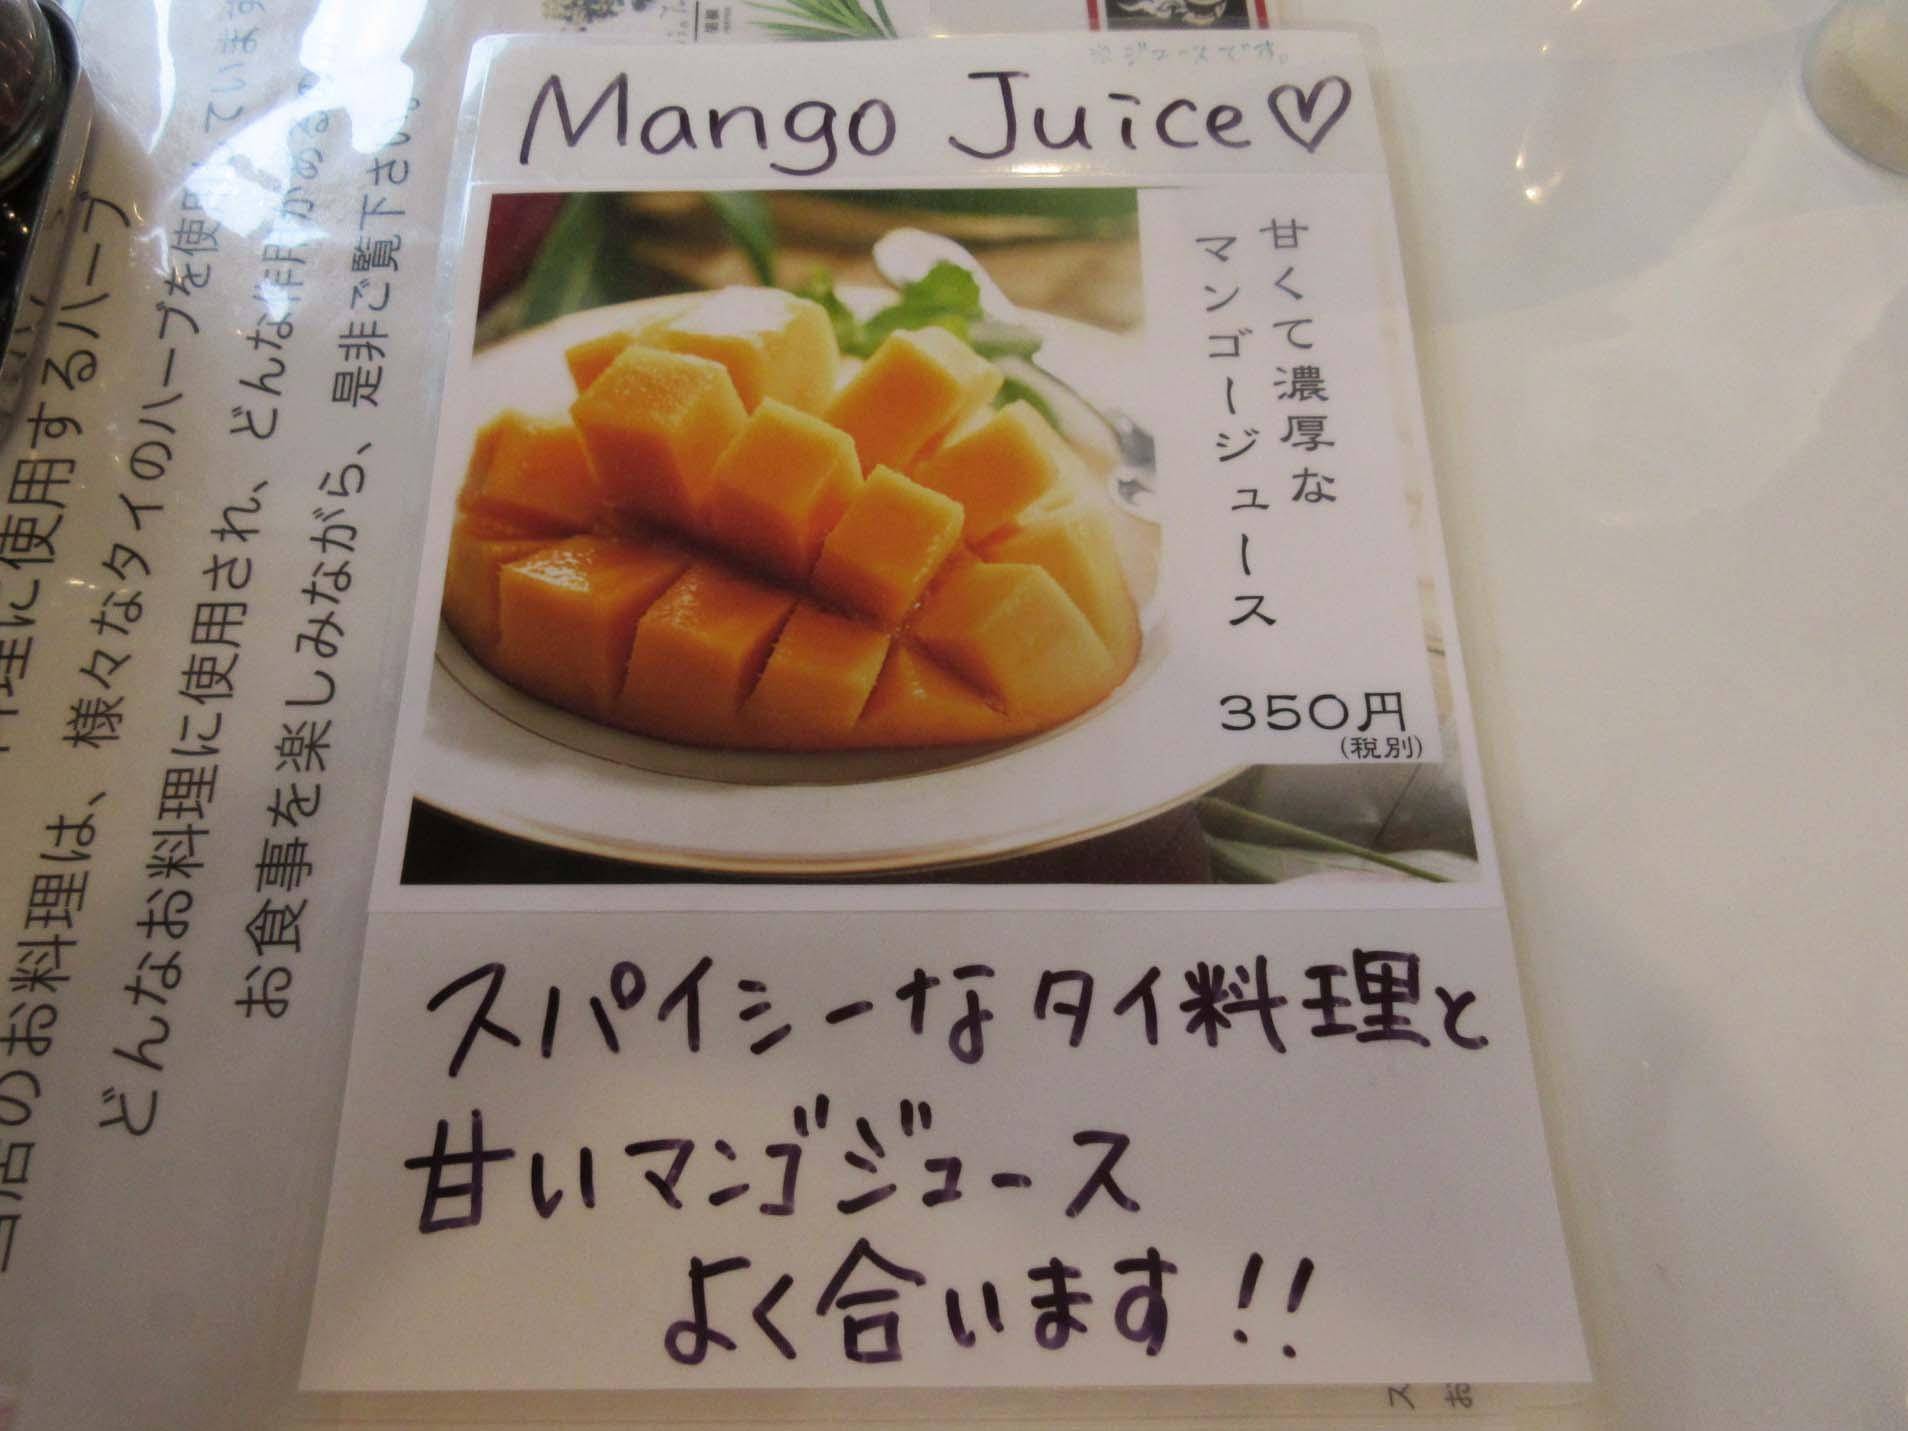 メニュー マンゴジュース